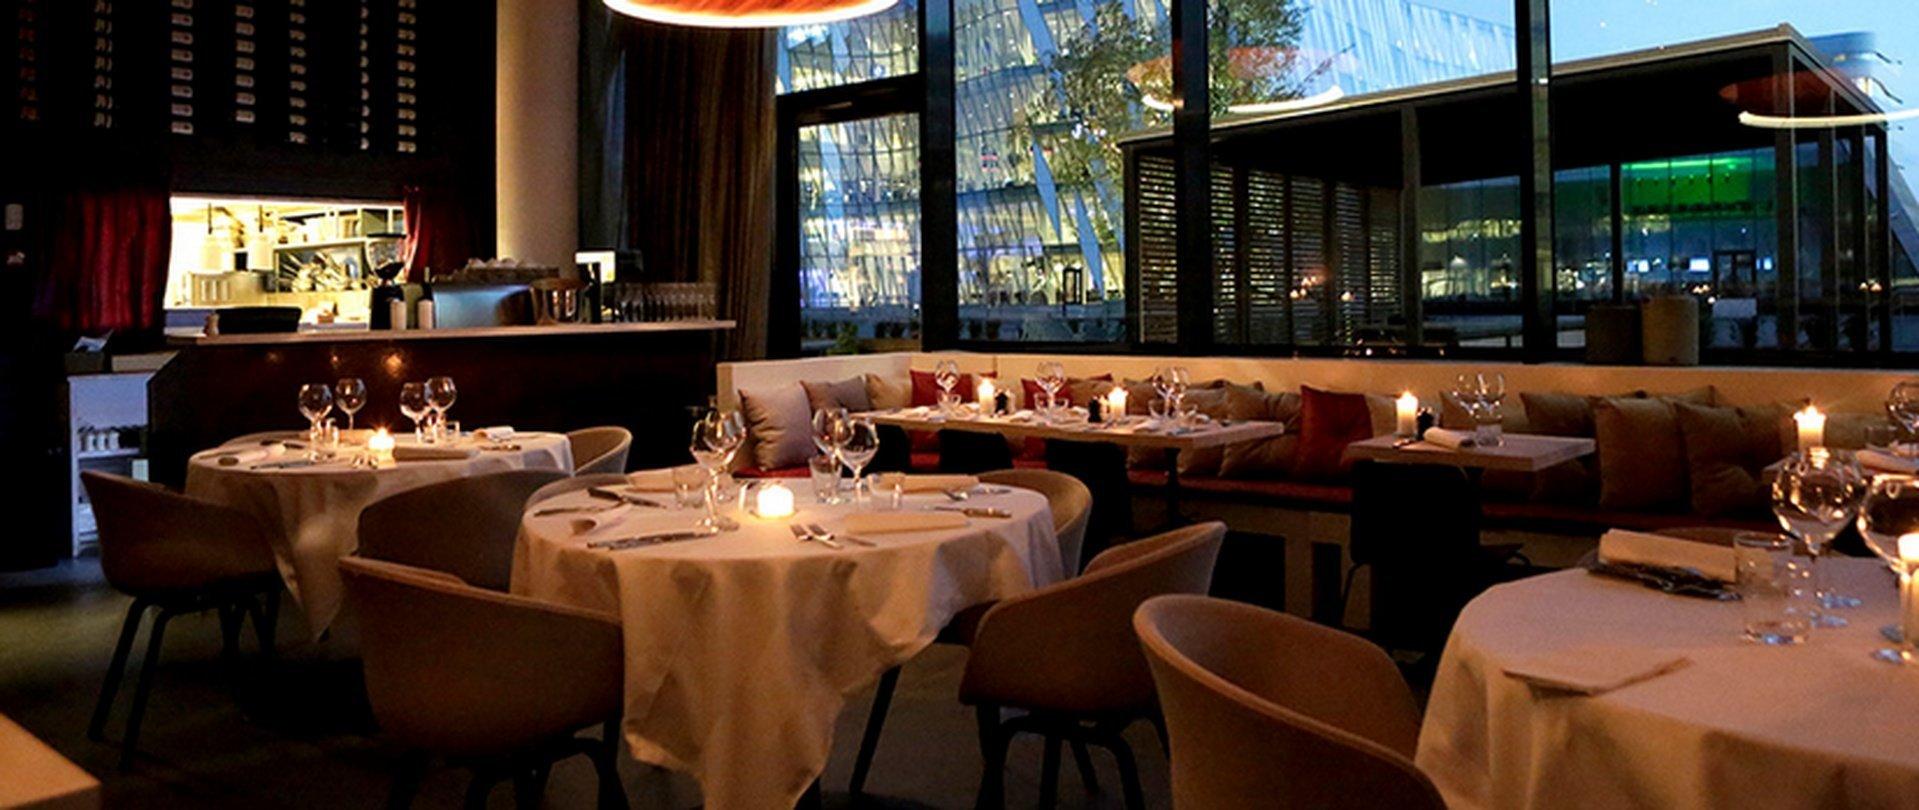 Copenhagen corporate event venues Restaurant Restaurant Meet image 0